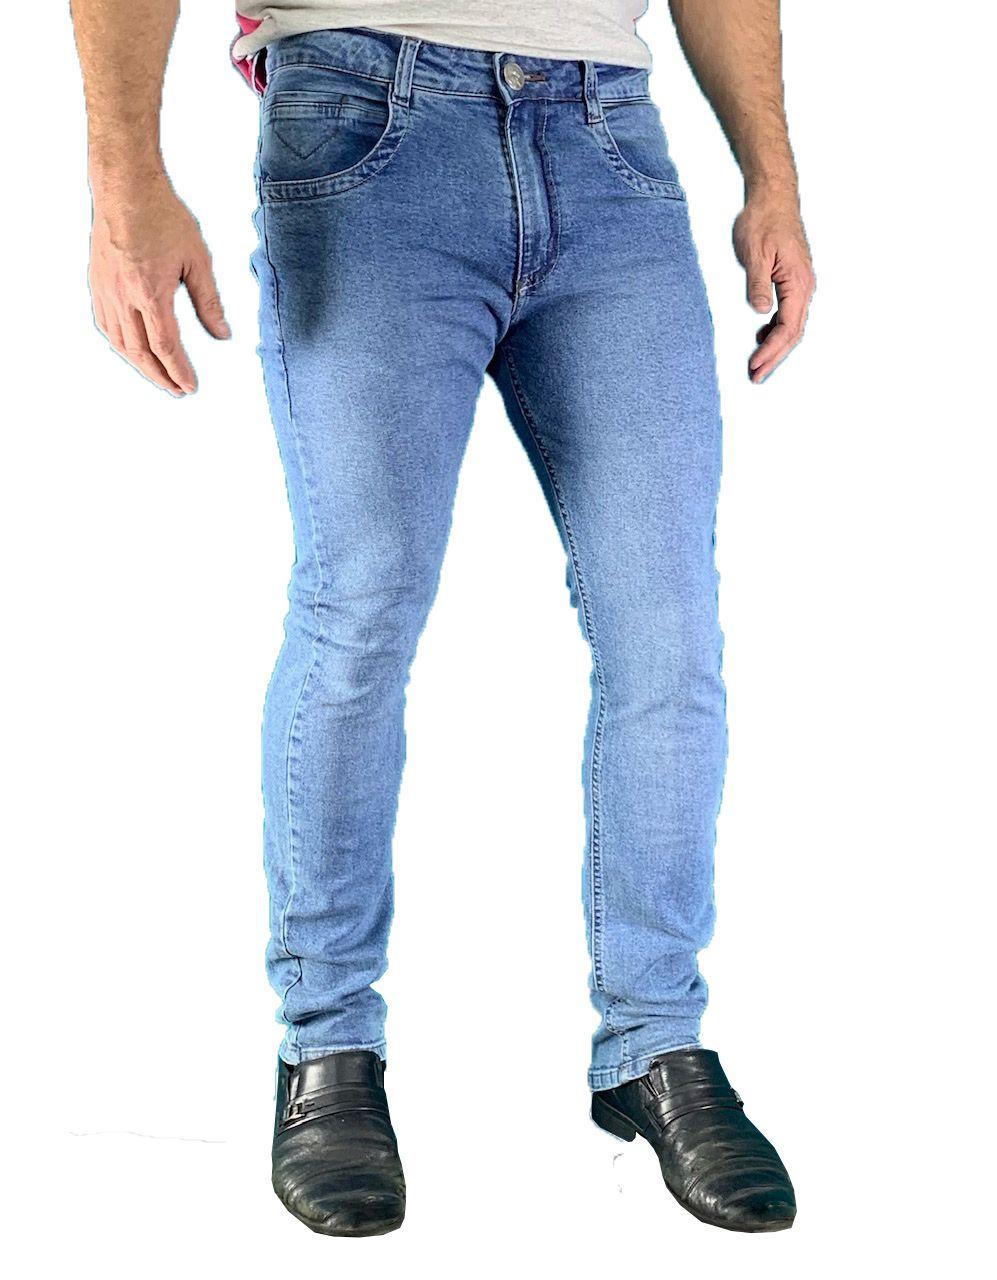 Calça Jeans Masculina Básico Premium  Conexão